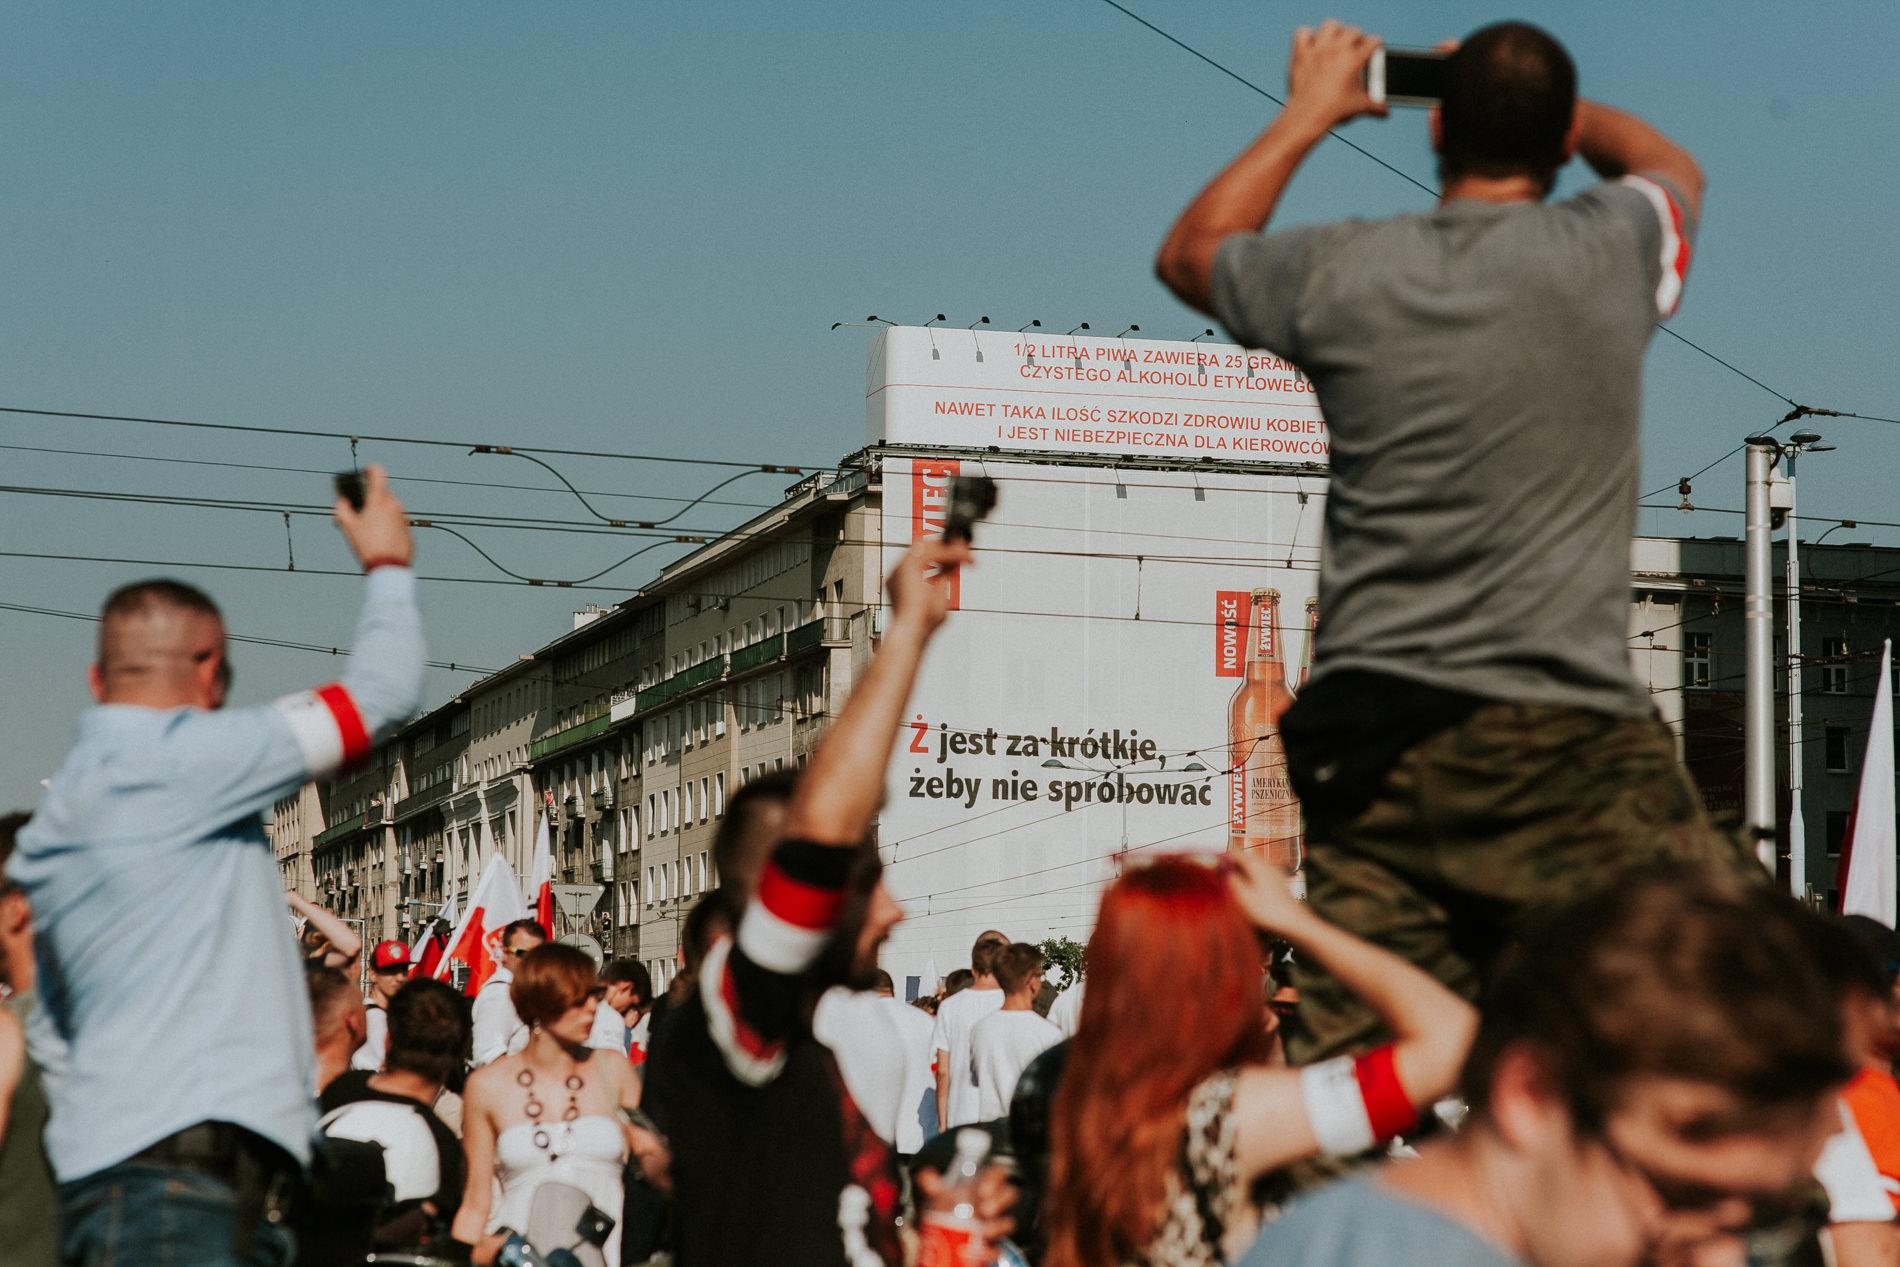 73 rocznica wybuchu Powstania Warszawskiego. Warszawa (2017)